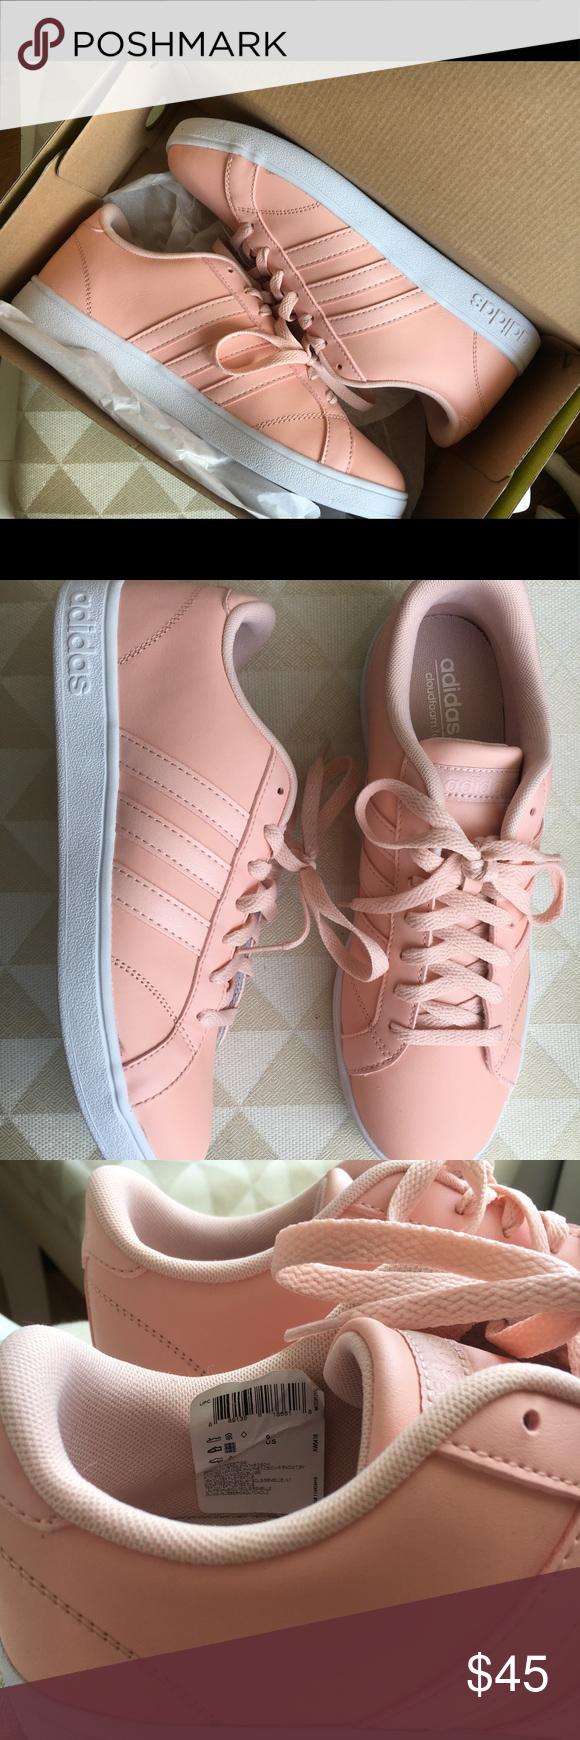 adidas neo donne basale arrossire nwt scarpe rosa, rosso, rosa